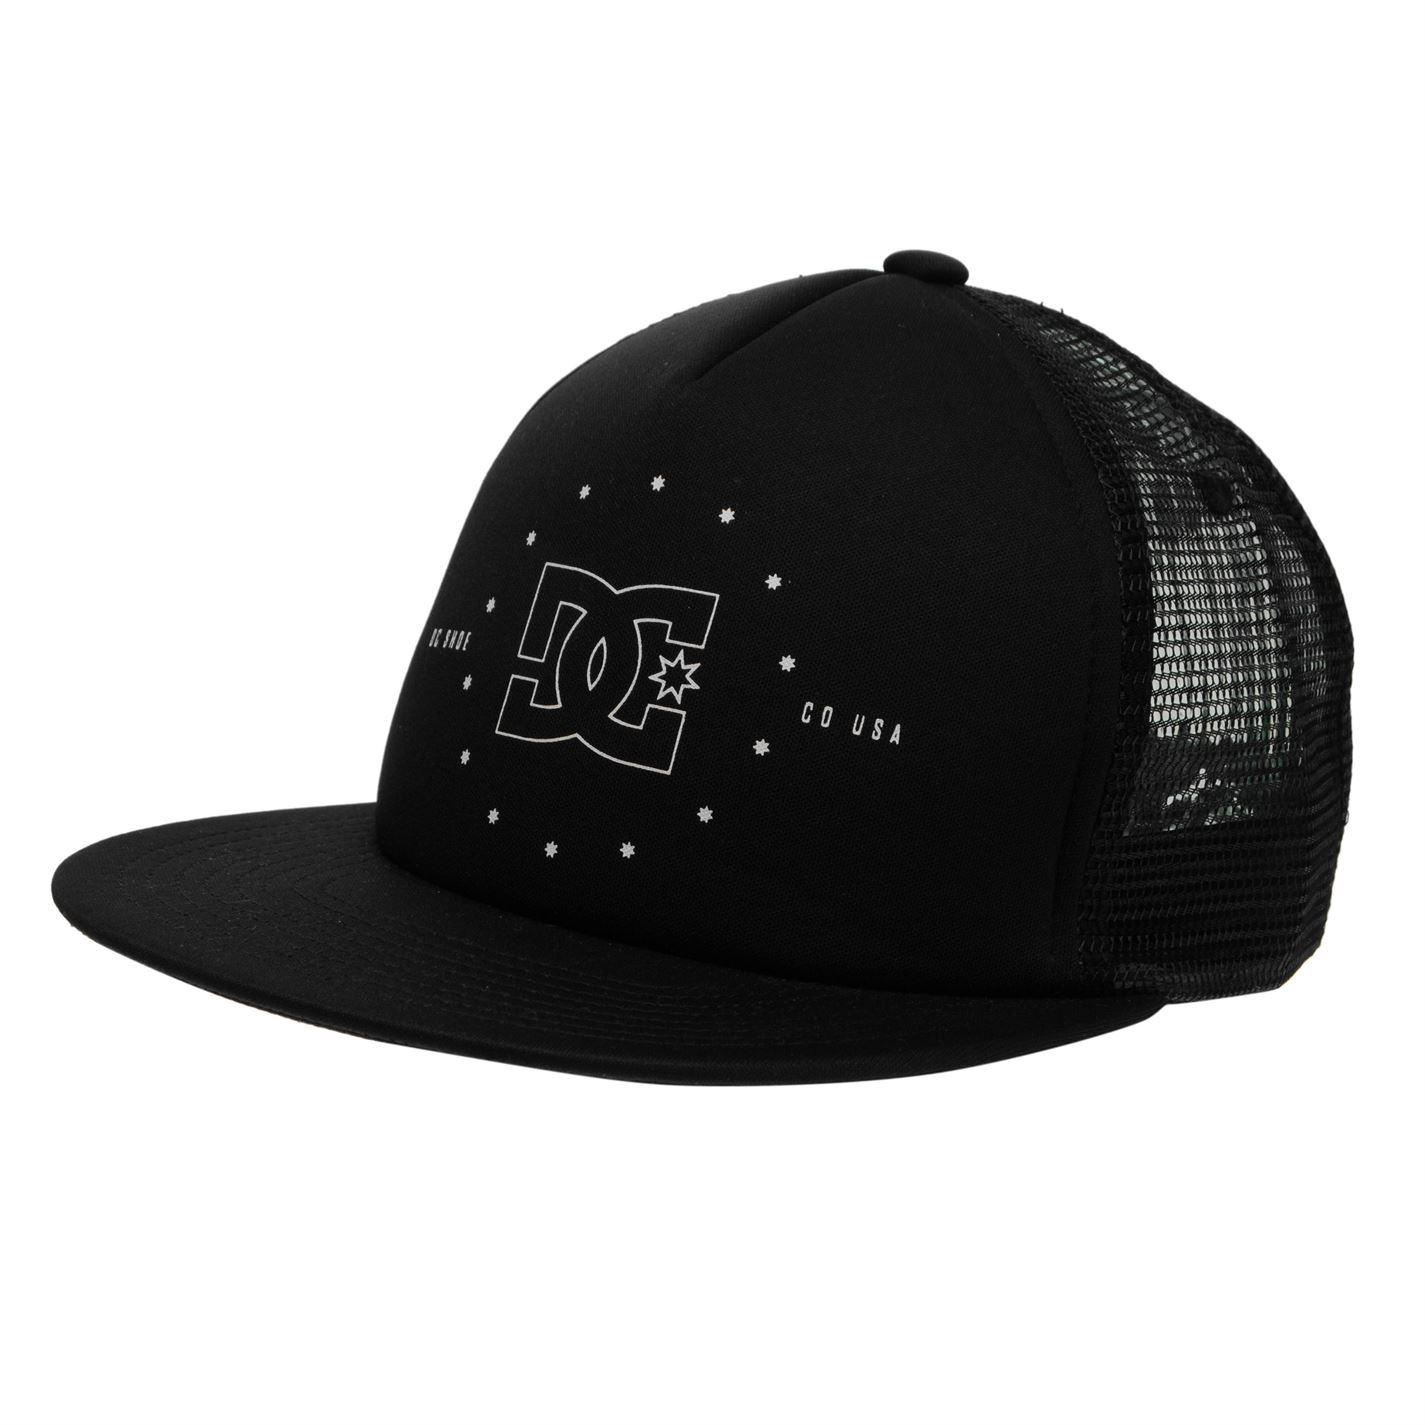 d75533a31b3 DC Mens Gents Stoxel Cap Flat Cover Top Headgear Casual Accessory